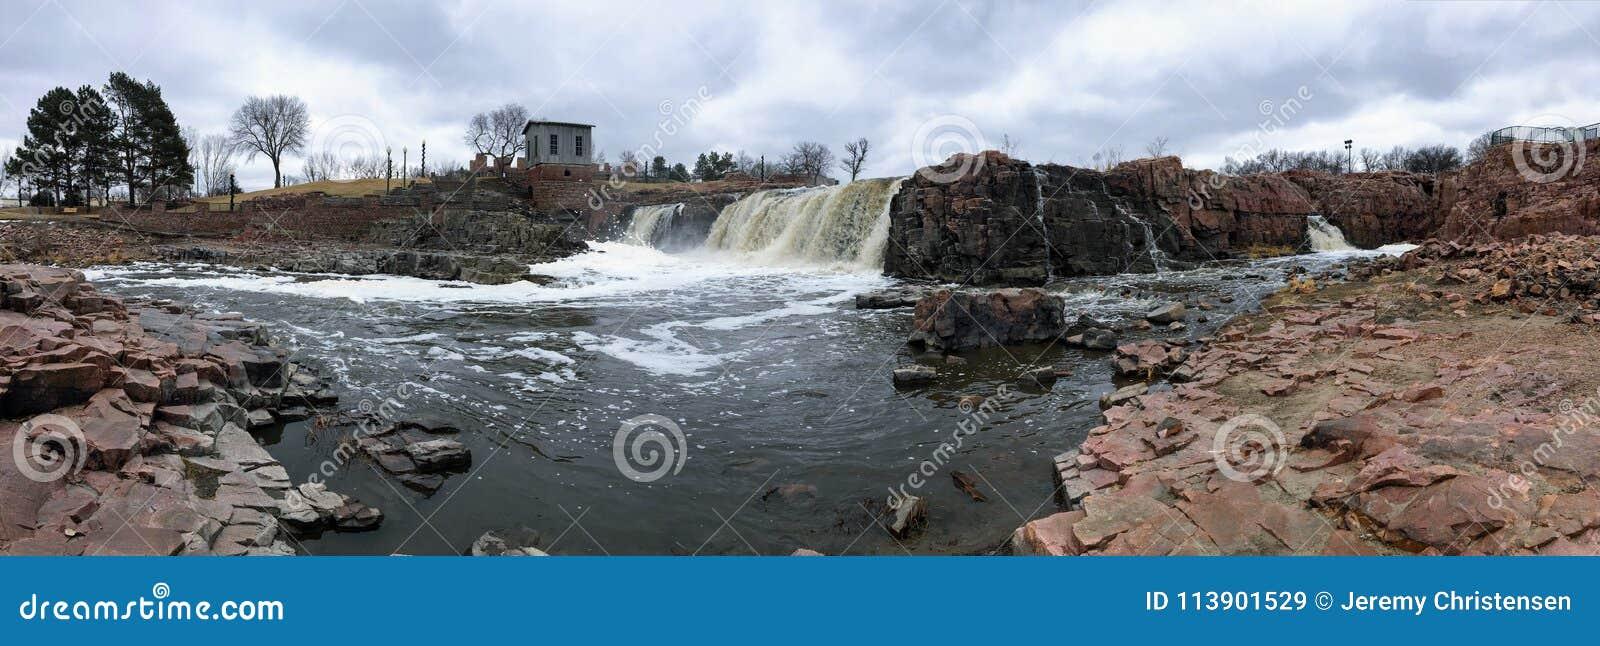 De stora Sioux River flödena över vaggar i Sioux Falls South Dakota med sikter av djurliv, fördärvar, parkerar banor, drevspårbro